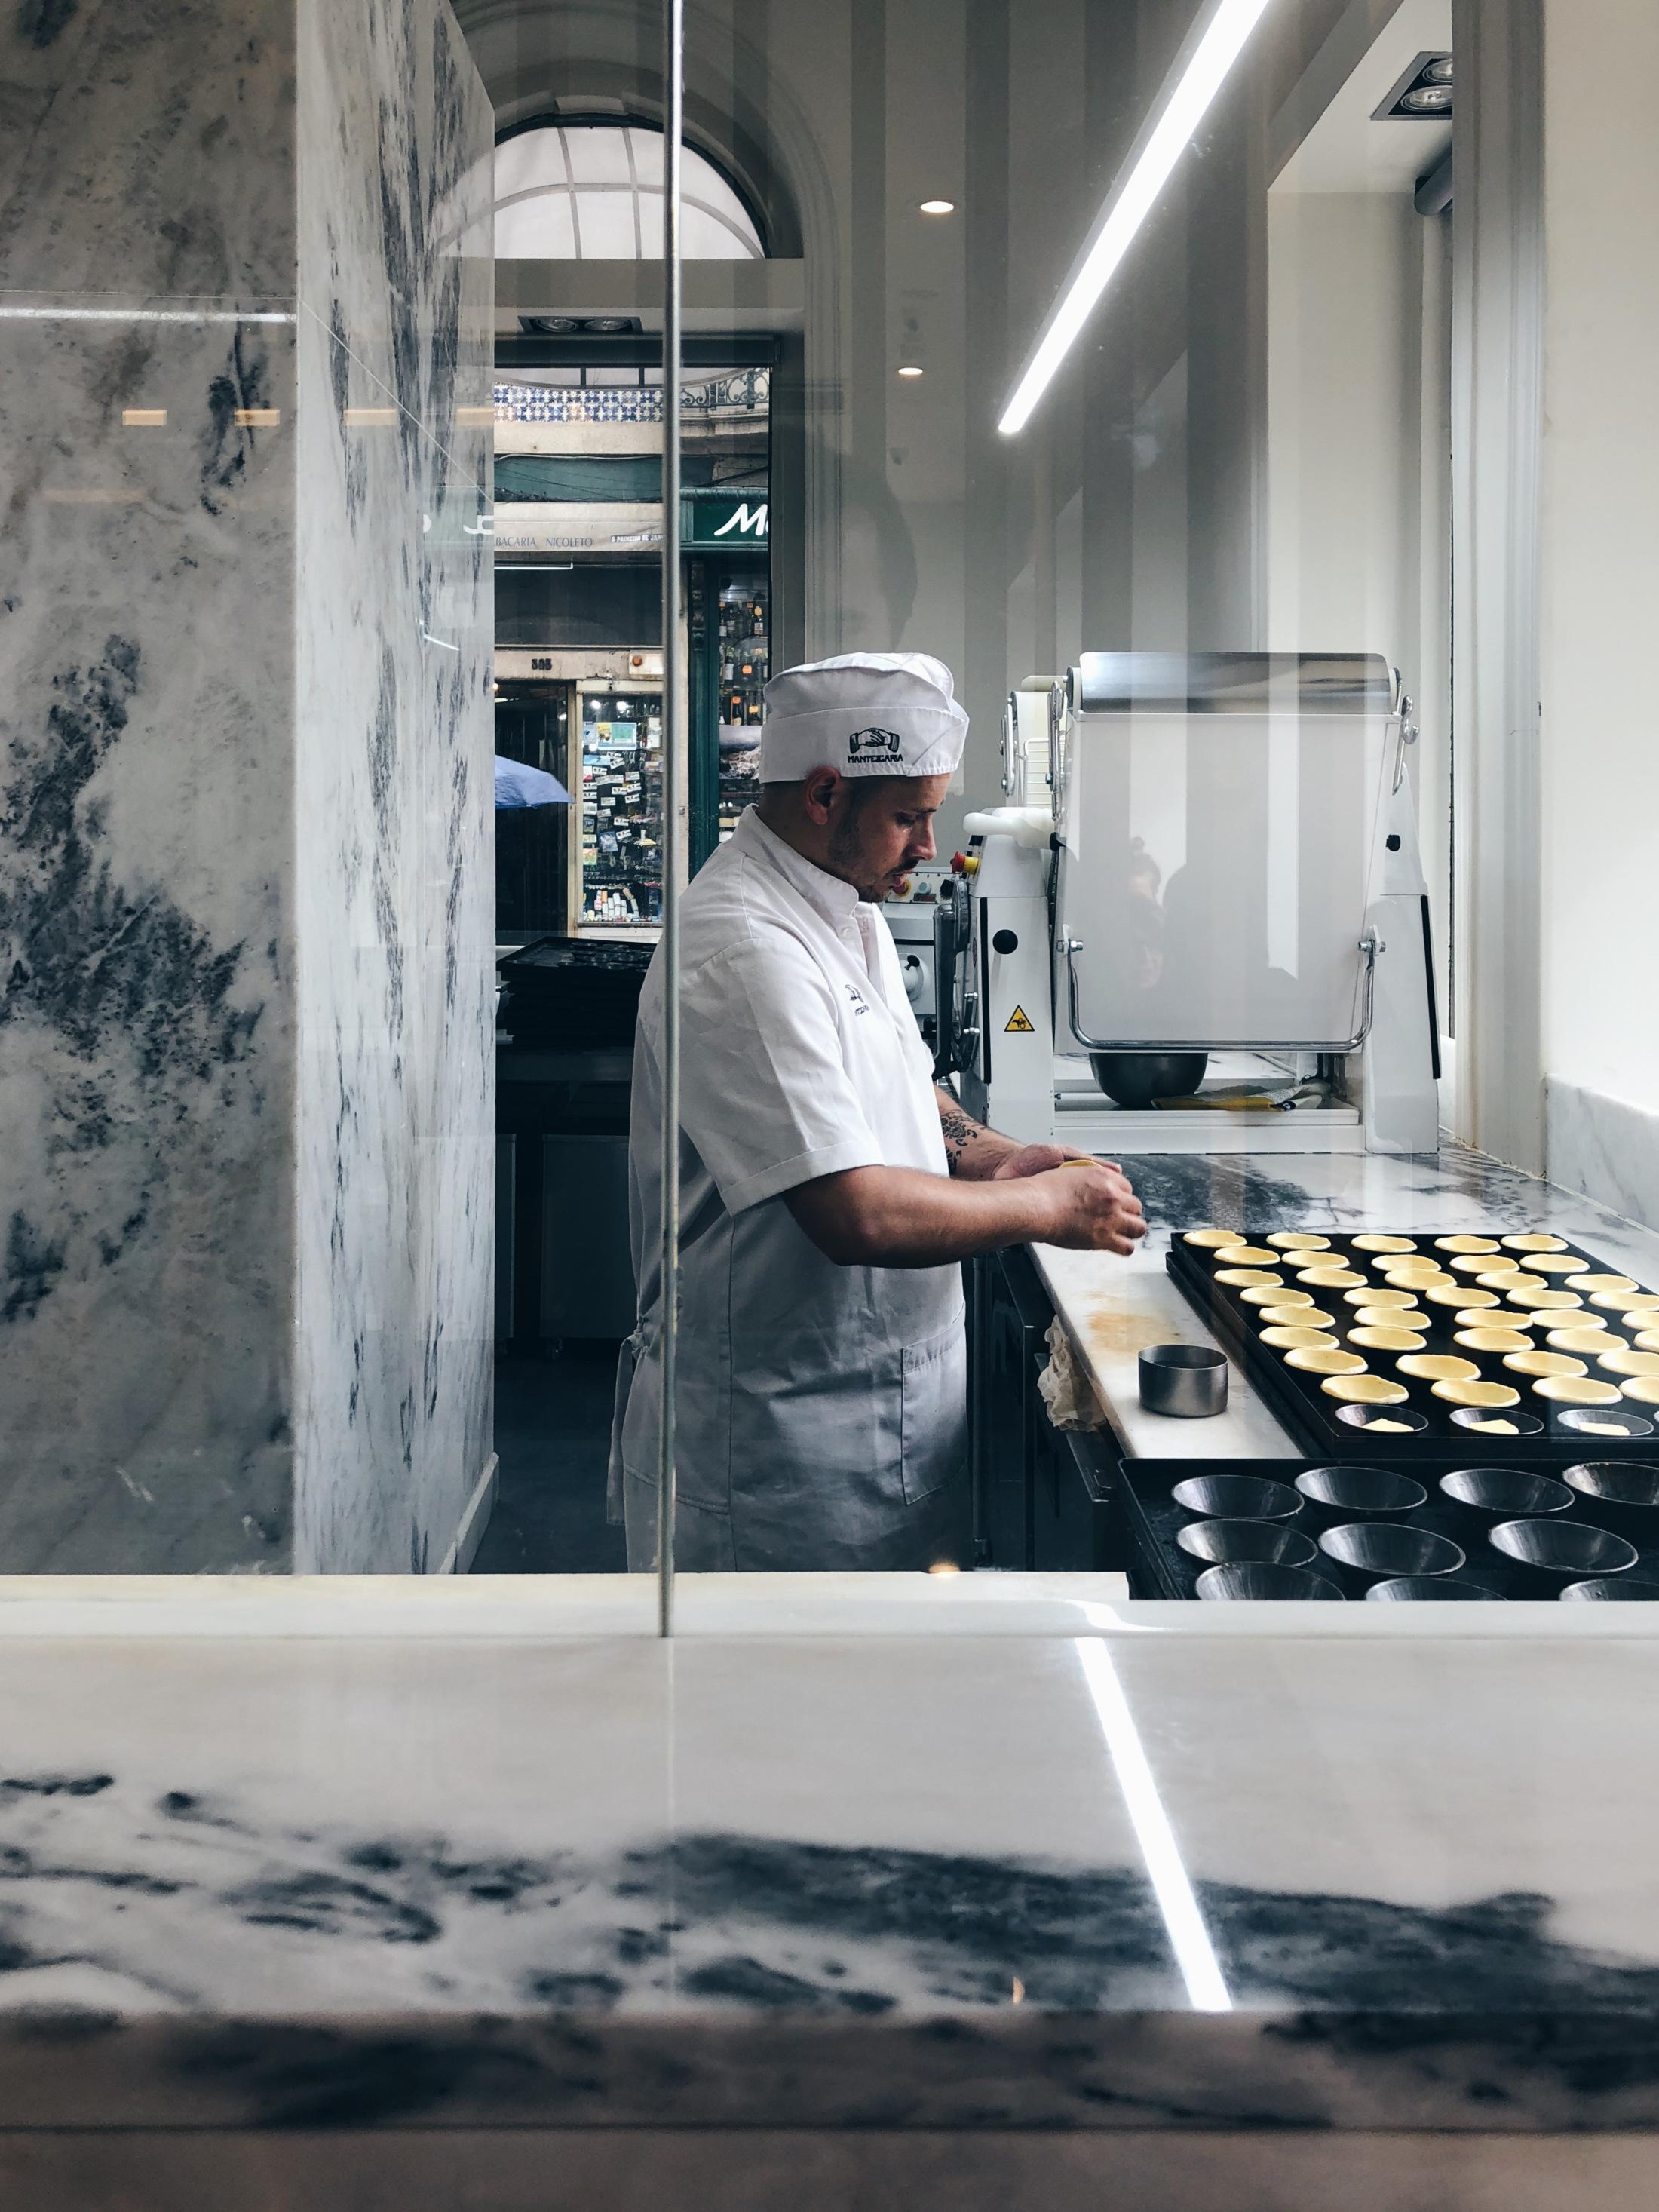 Préparation des pastéis de nata dans la boutique portuane de Manteigaria. – Rua de Alexandre Braga 24, 4000-049 Porto.